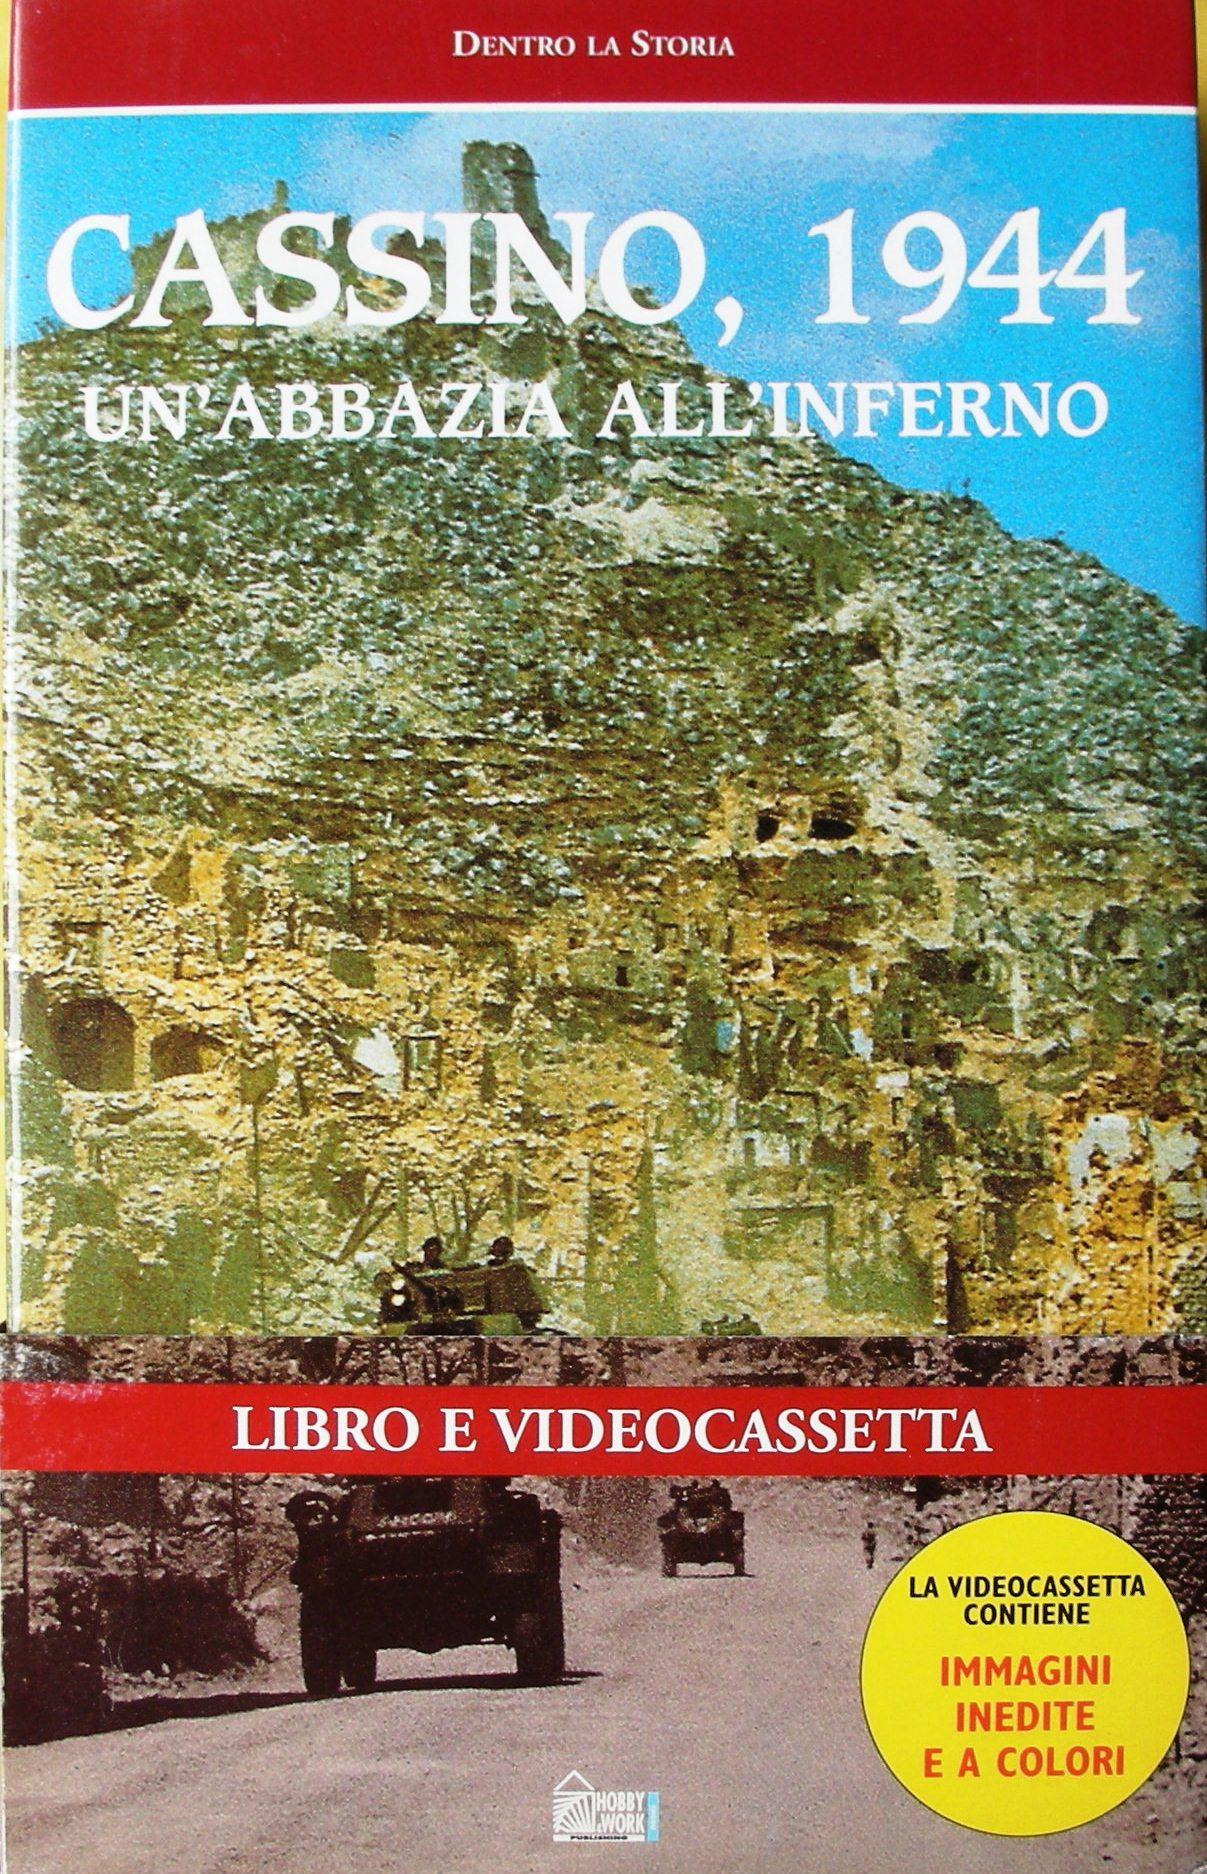 Cassino, 1944